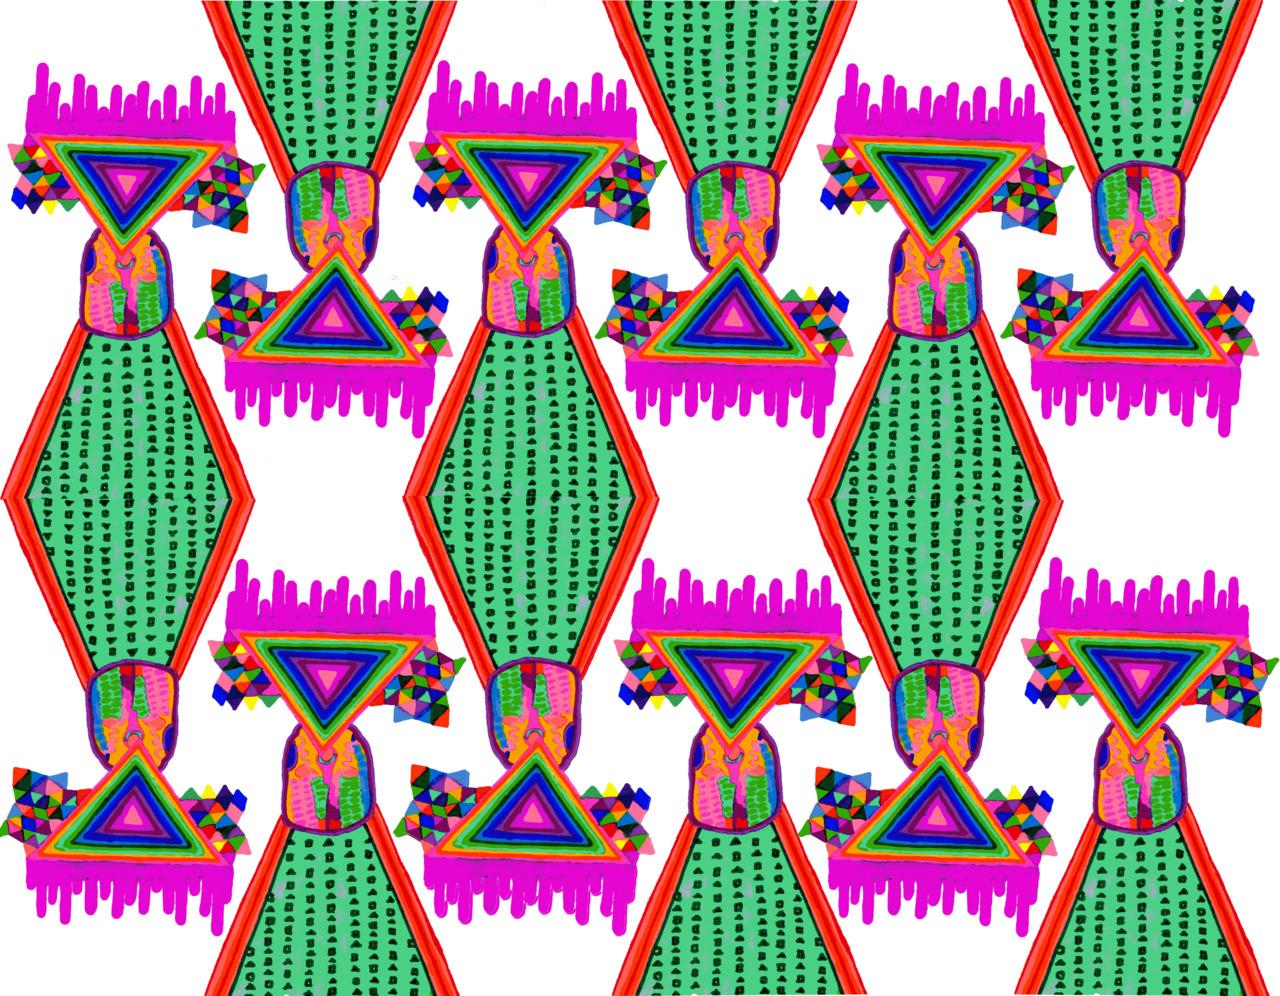 http://3.bp.blogspot.com/-0nGp8cLsAxE/UNRtO_PRKJI/AAAAAAAAEtg/4xFeWP7XGAQ/s1600/Sugar+Skull.jpg